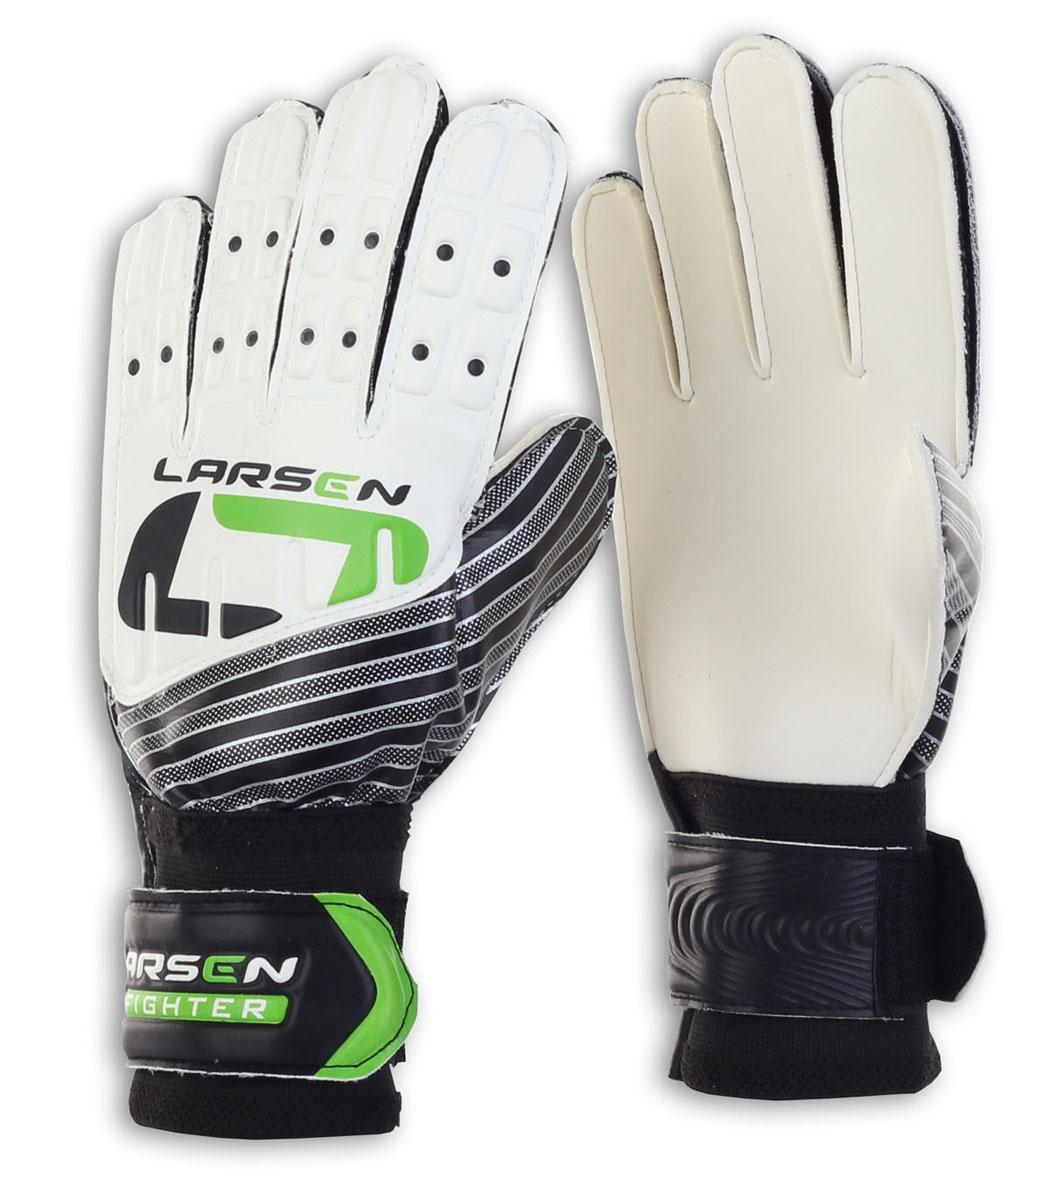 Перчатки вратарские Larsen  Fighter , цвет: черный, зеленый. Размер 8 - Футбол